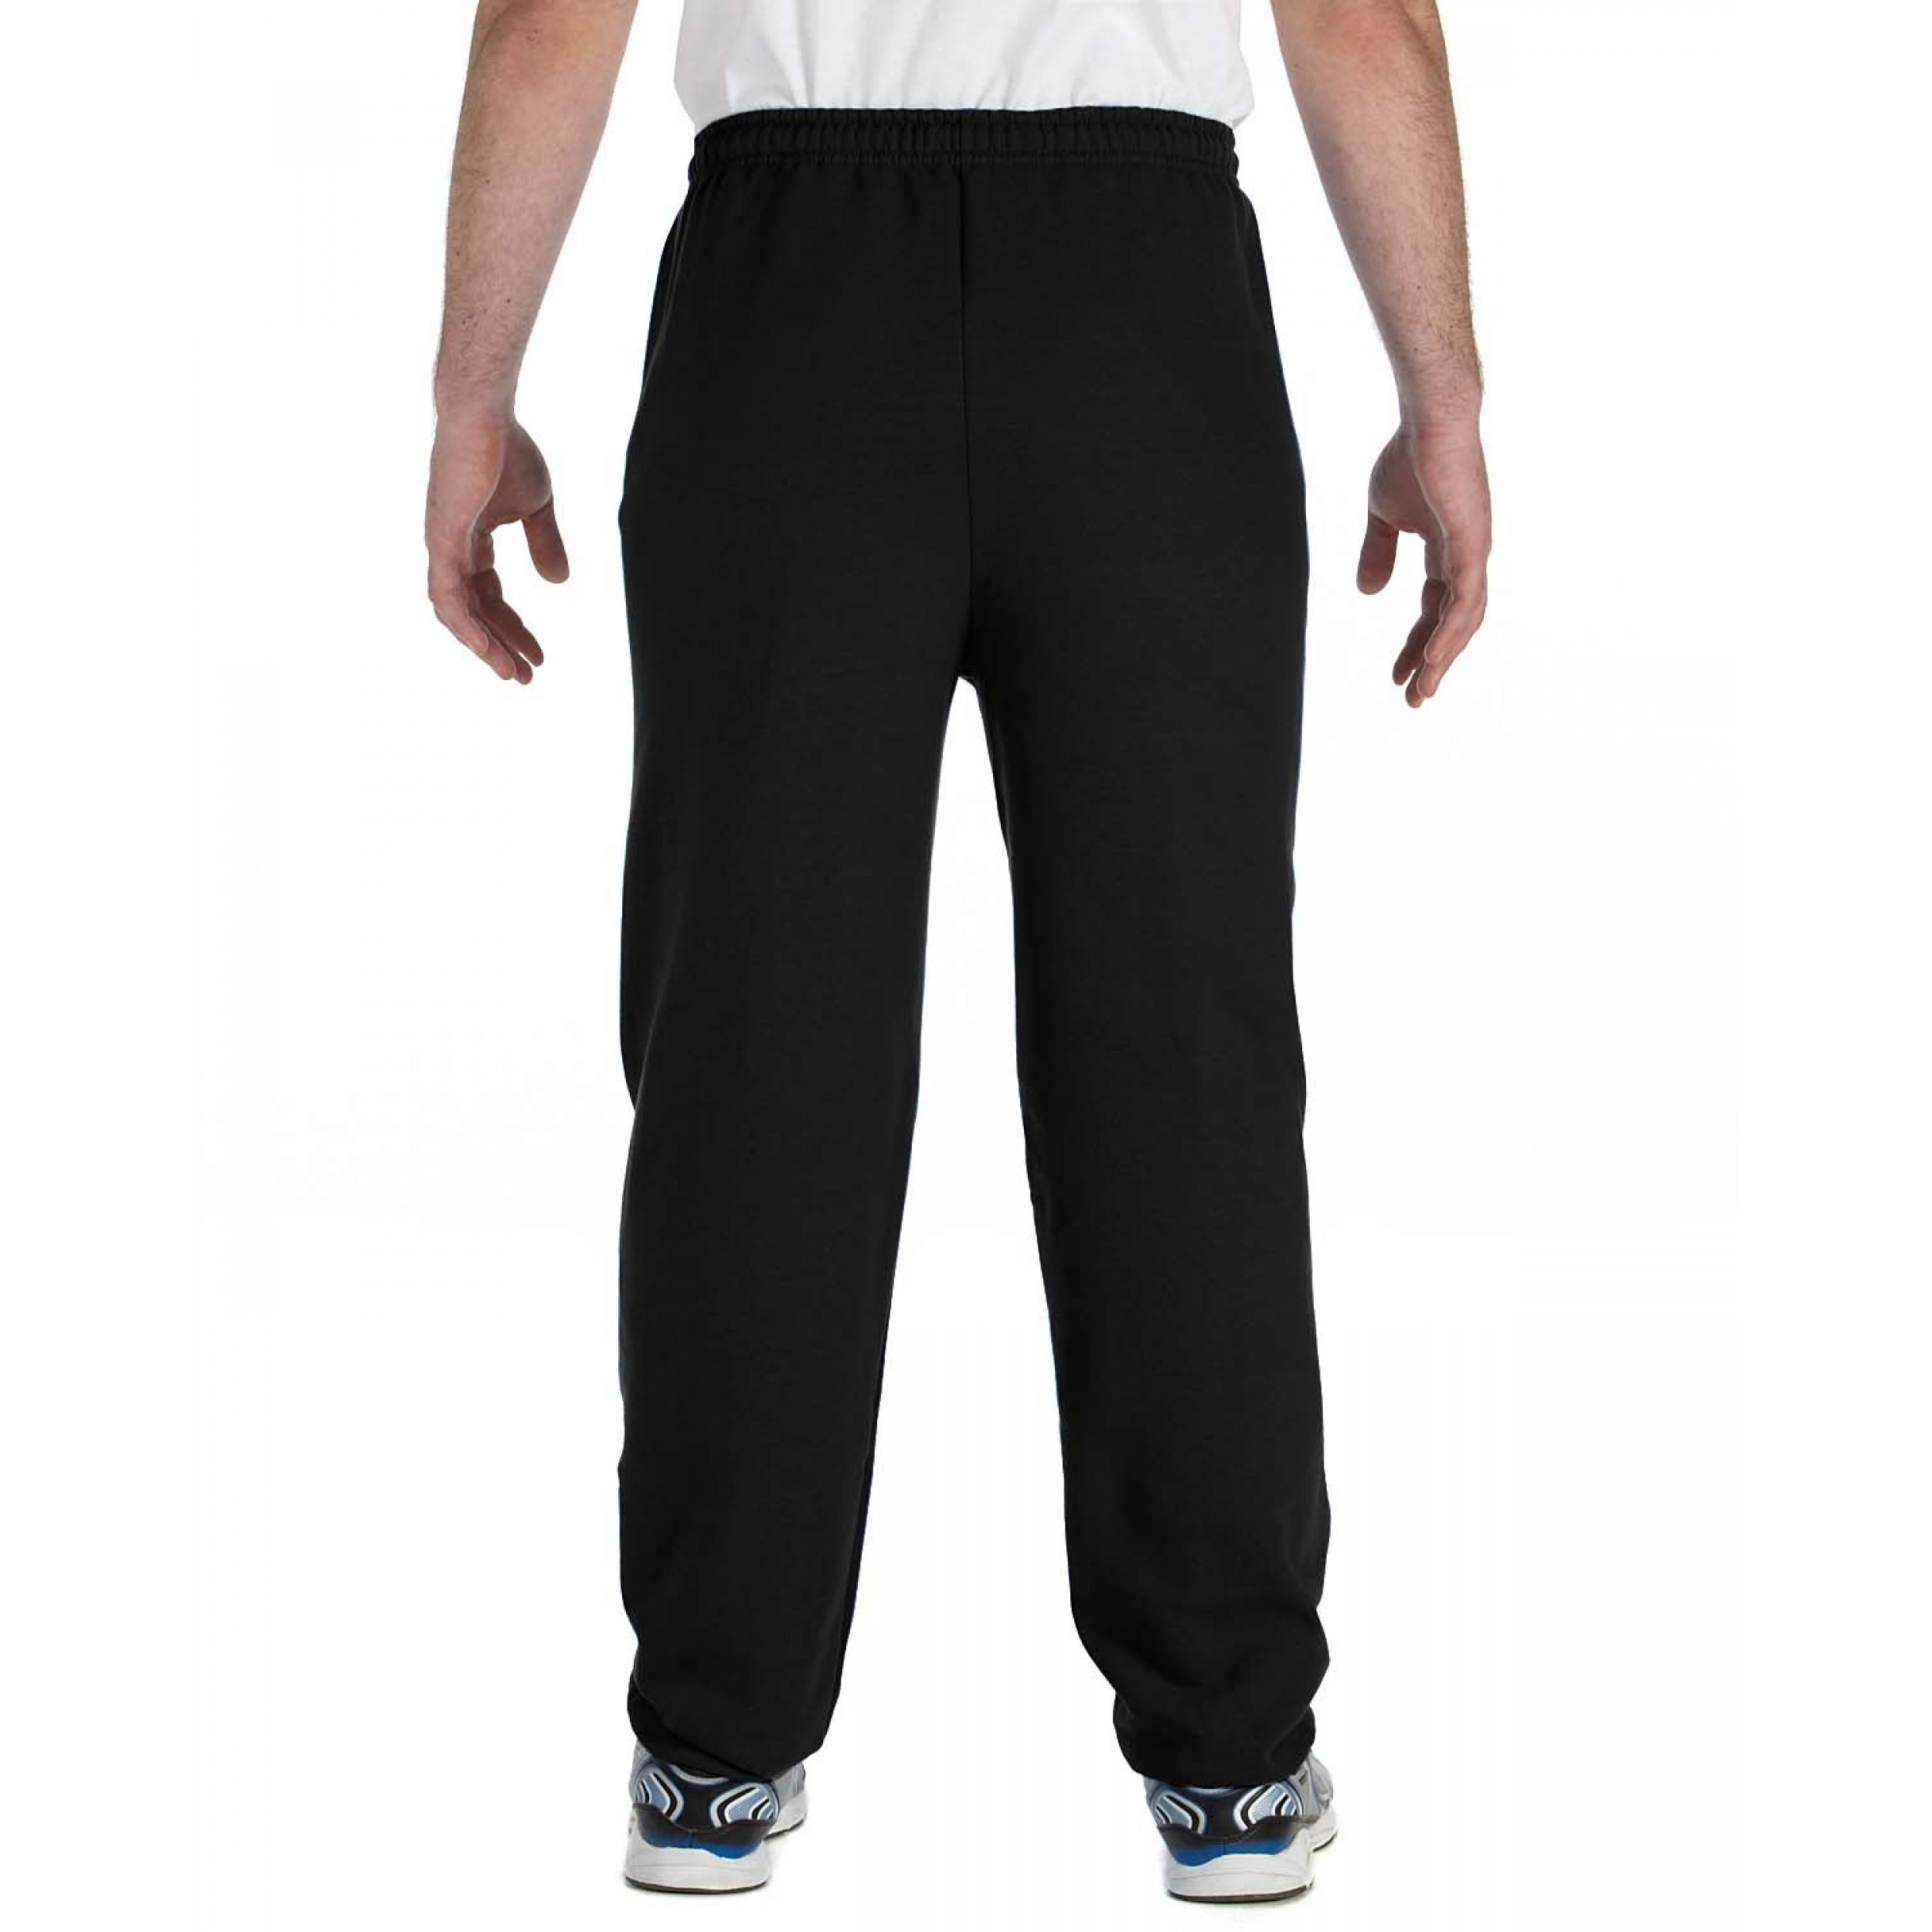 Flees Pants G182  BLACK